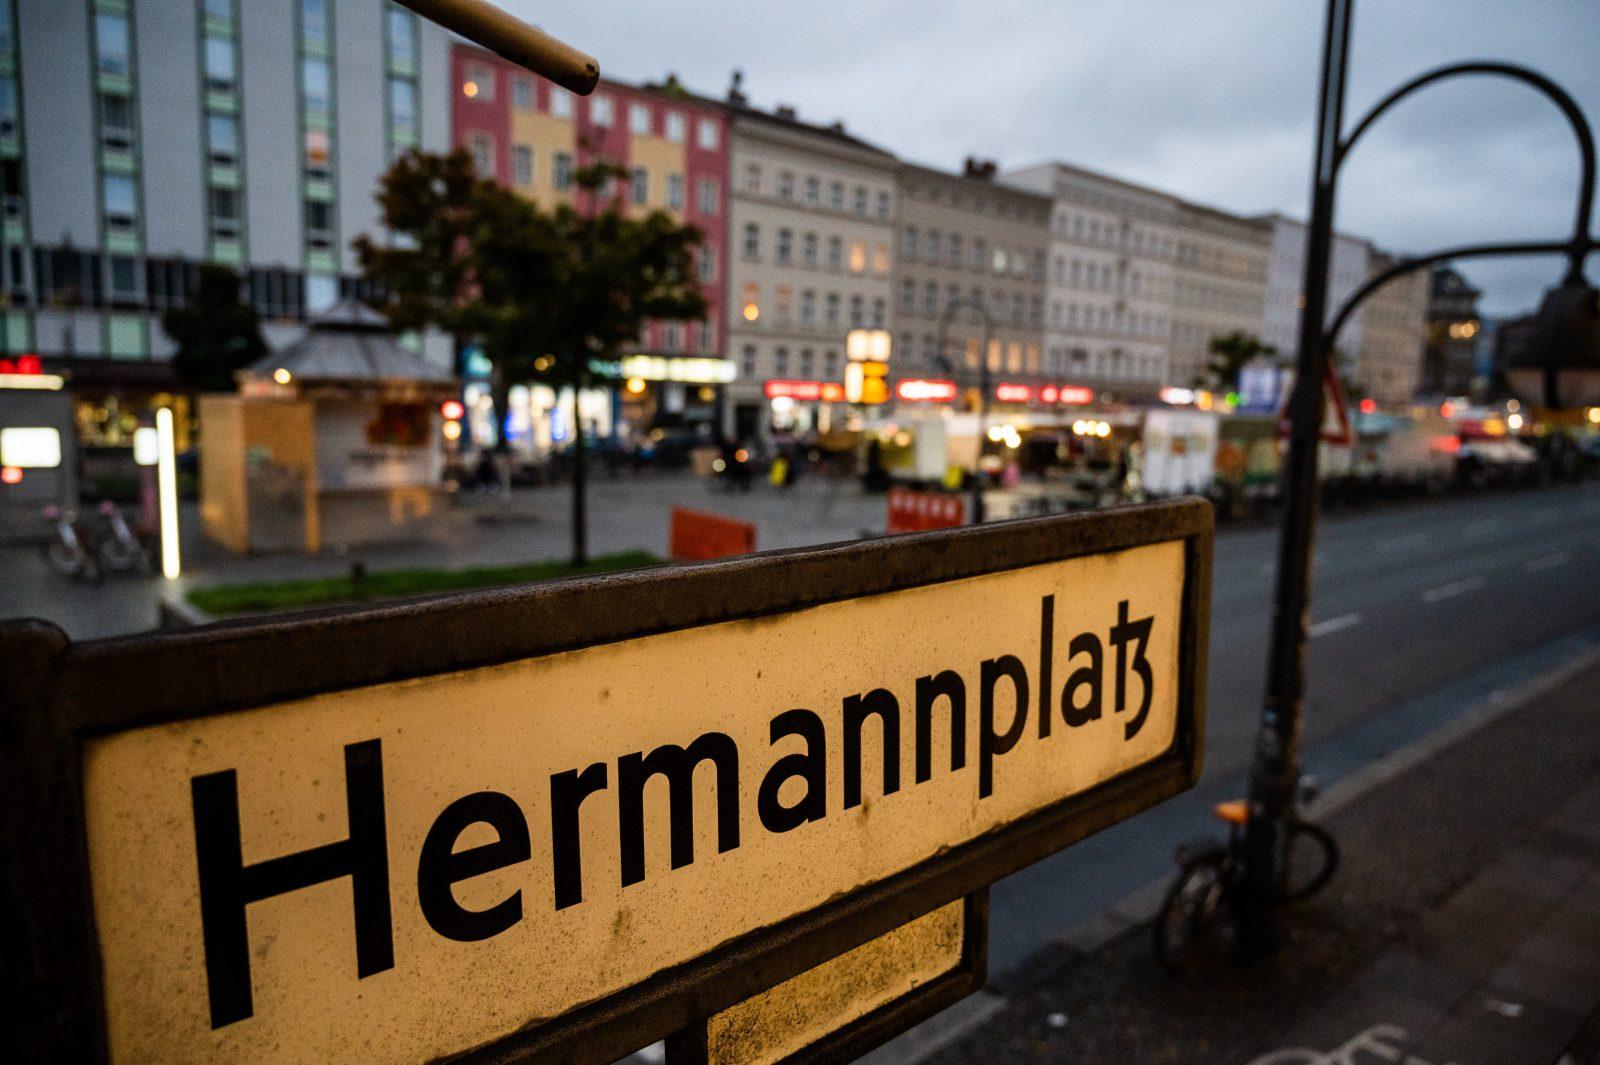 Auf dem Hermannplatz in Berlin-Neukölln demonstrierten 150 Personen gegen die angeblich islamfeindliche Politik Frankreichs (Symbolbild) Foto: picture alliance/Christophe Gateau/dpa